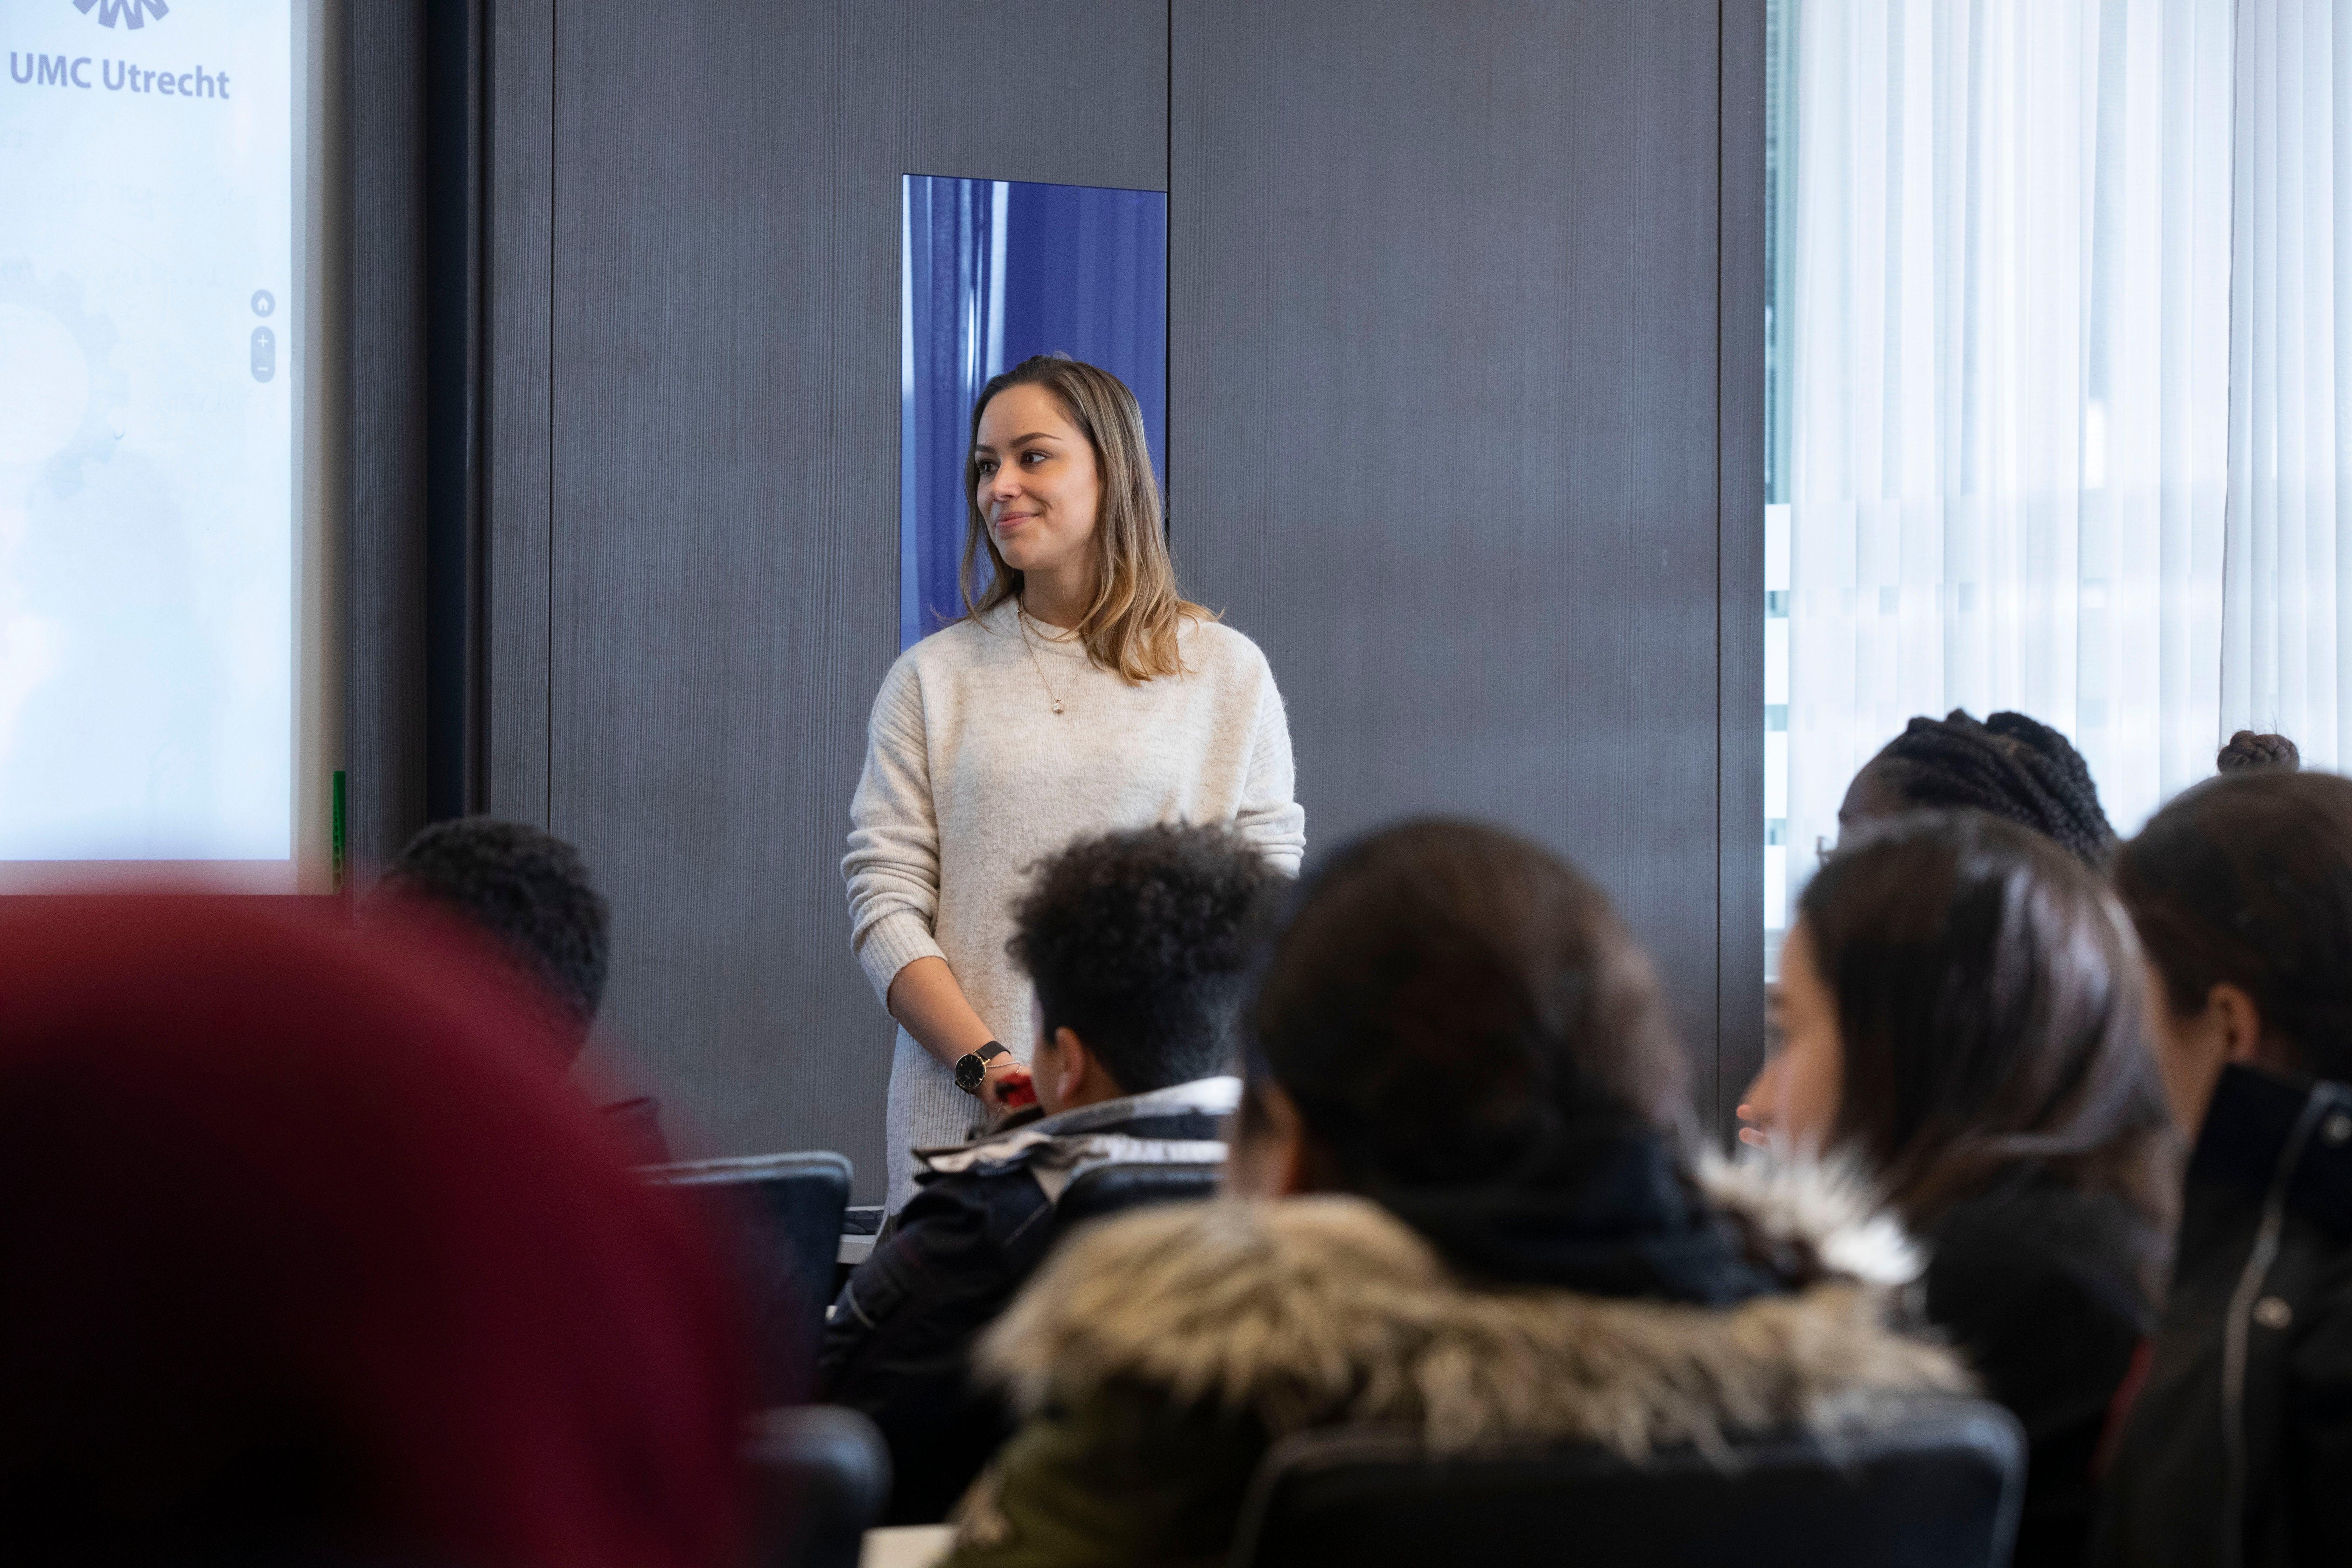 Medewerker geeft voorlichting aan groep van weekendschool